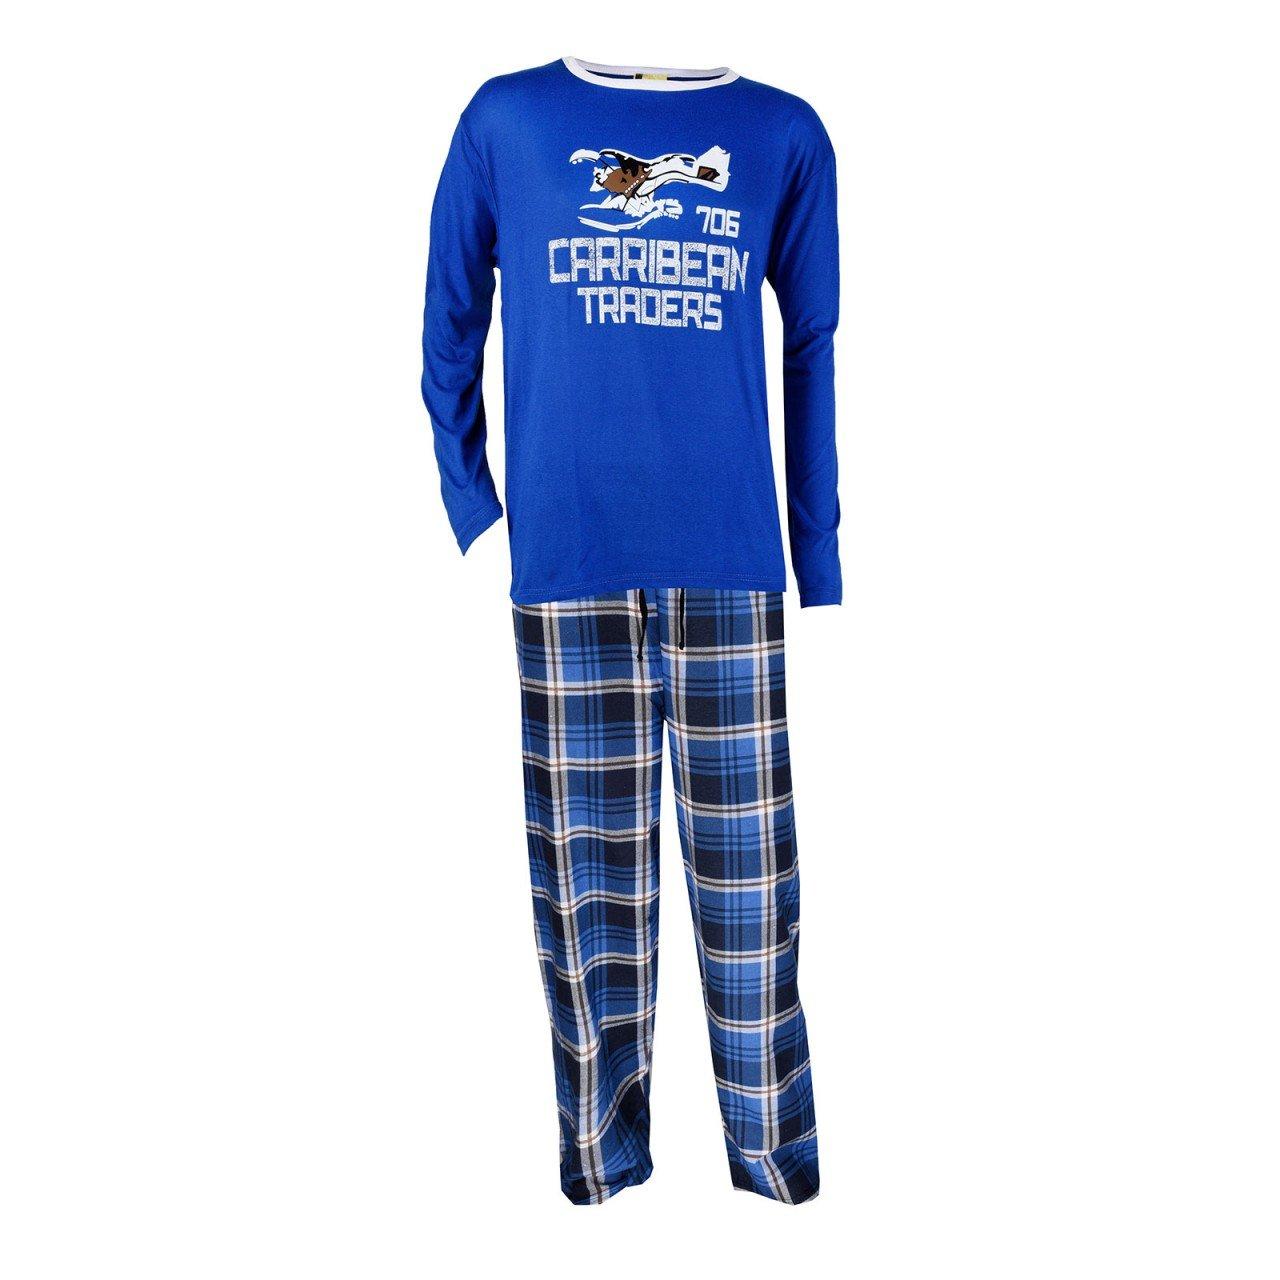 9e5ad855ae El corte ingles pijamas de nia